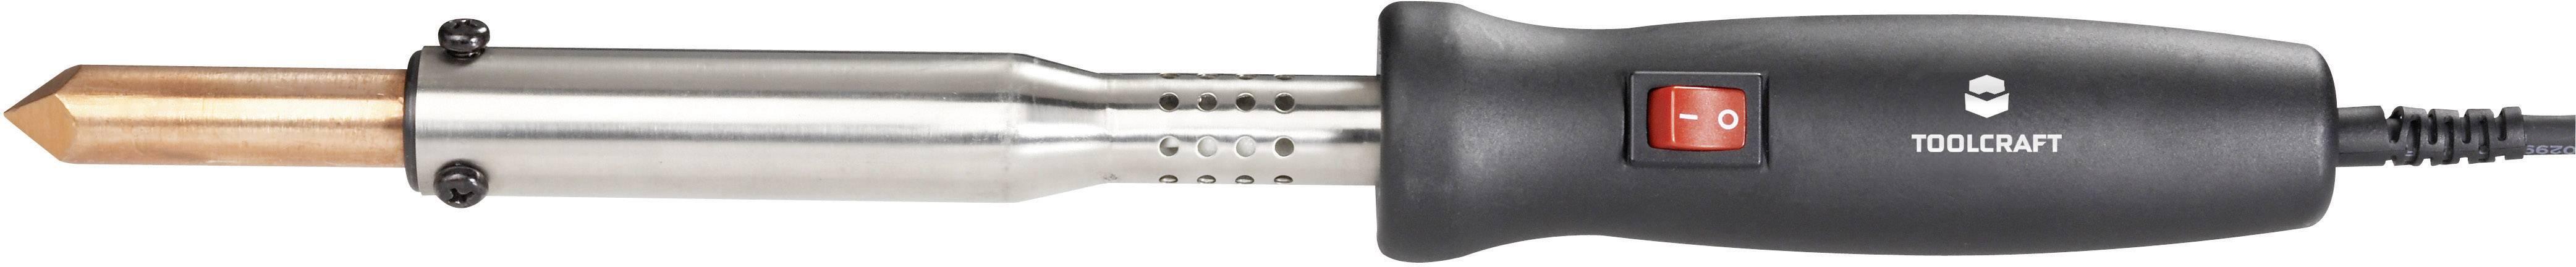 Spájkovacie pero TOOLCRAFT KP-300, 230 V, spájkovacie hroty tvar špičky